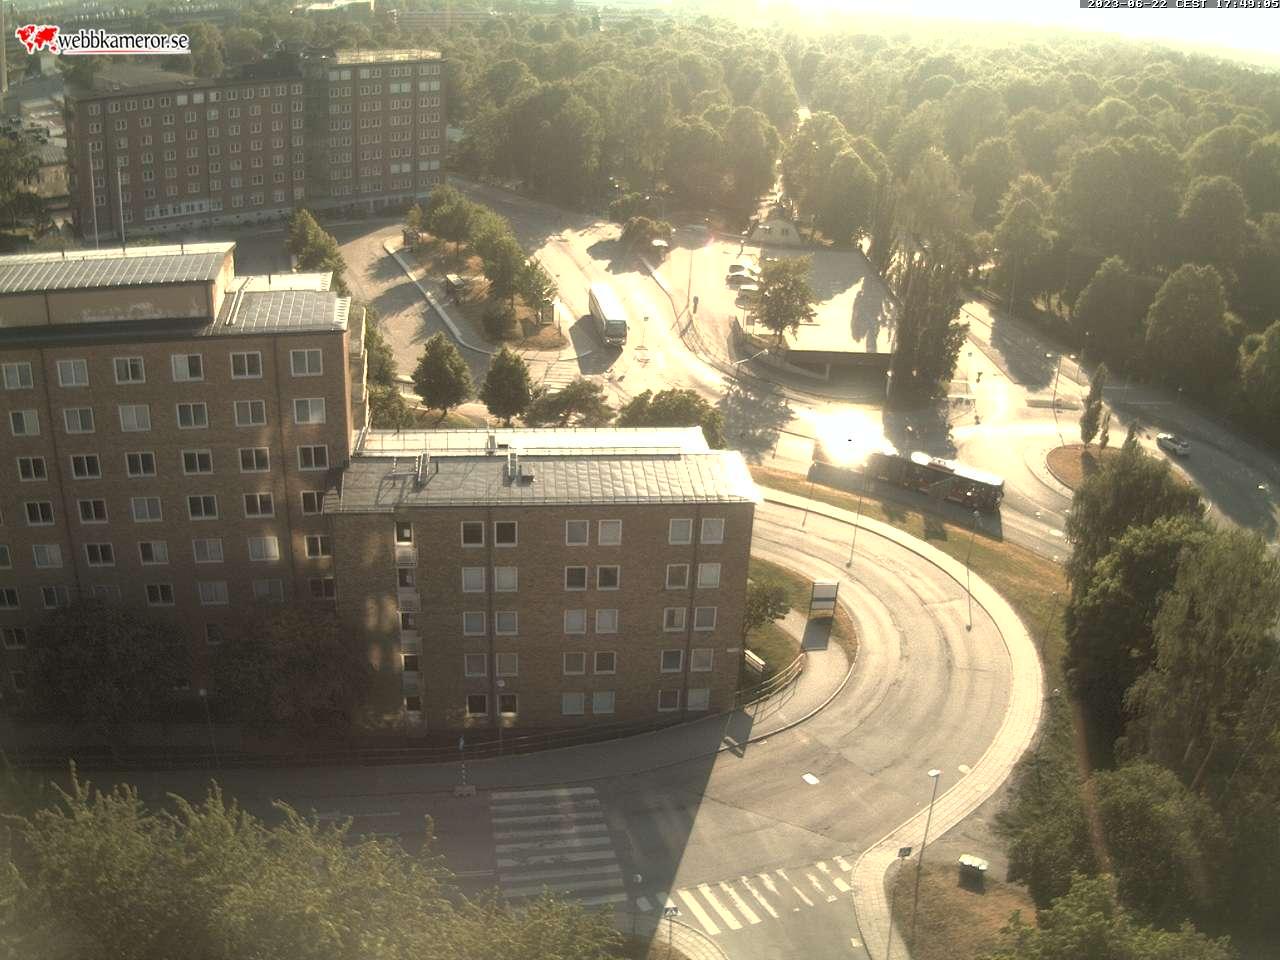 Webbkamera - Karolinska